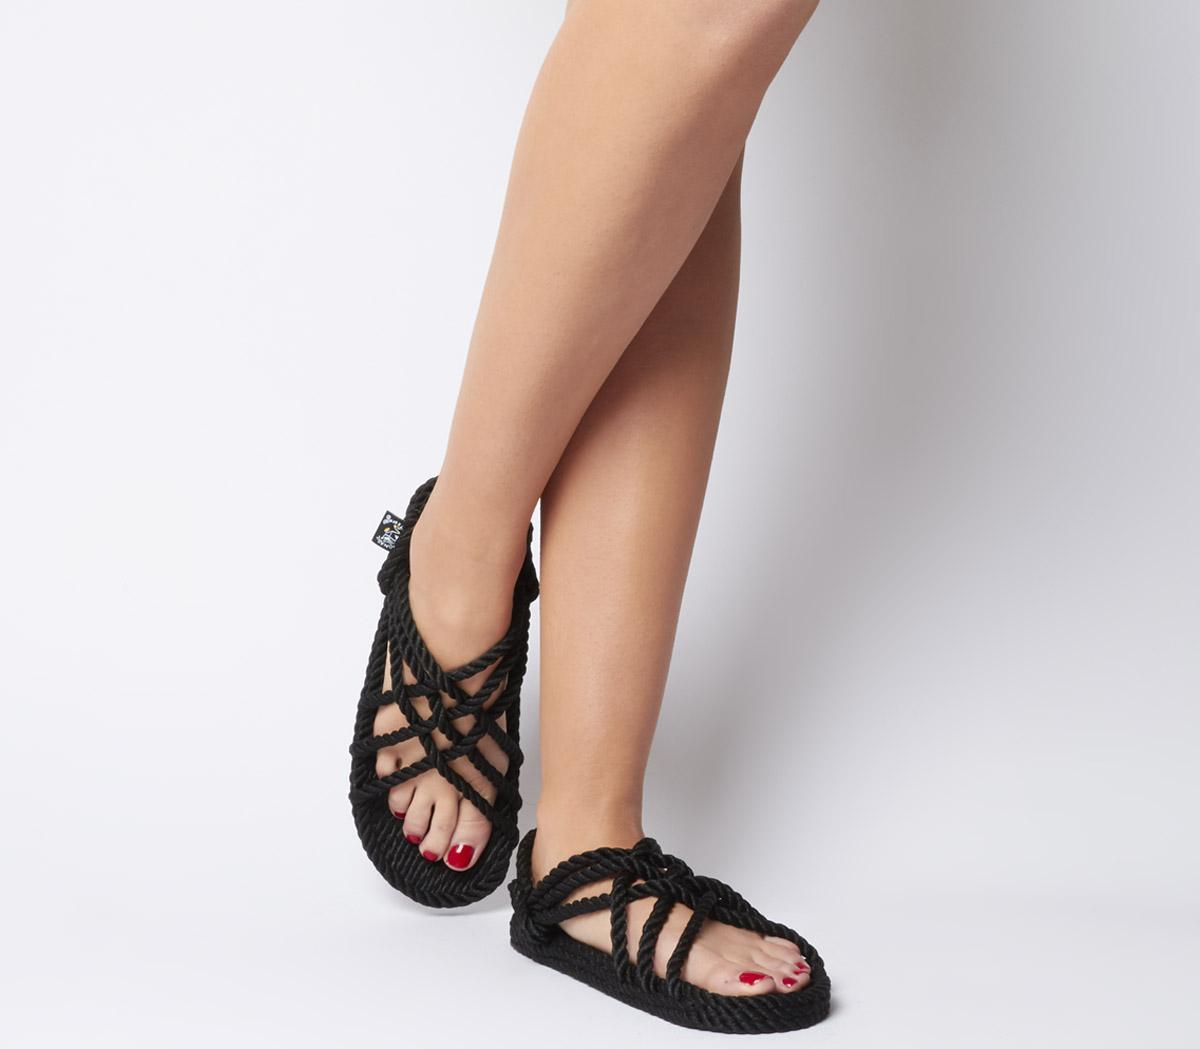 Jc Sandals